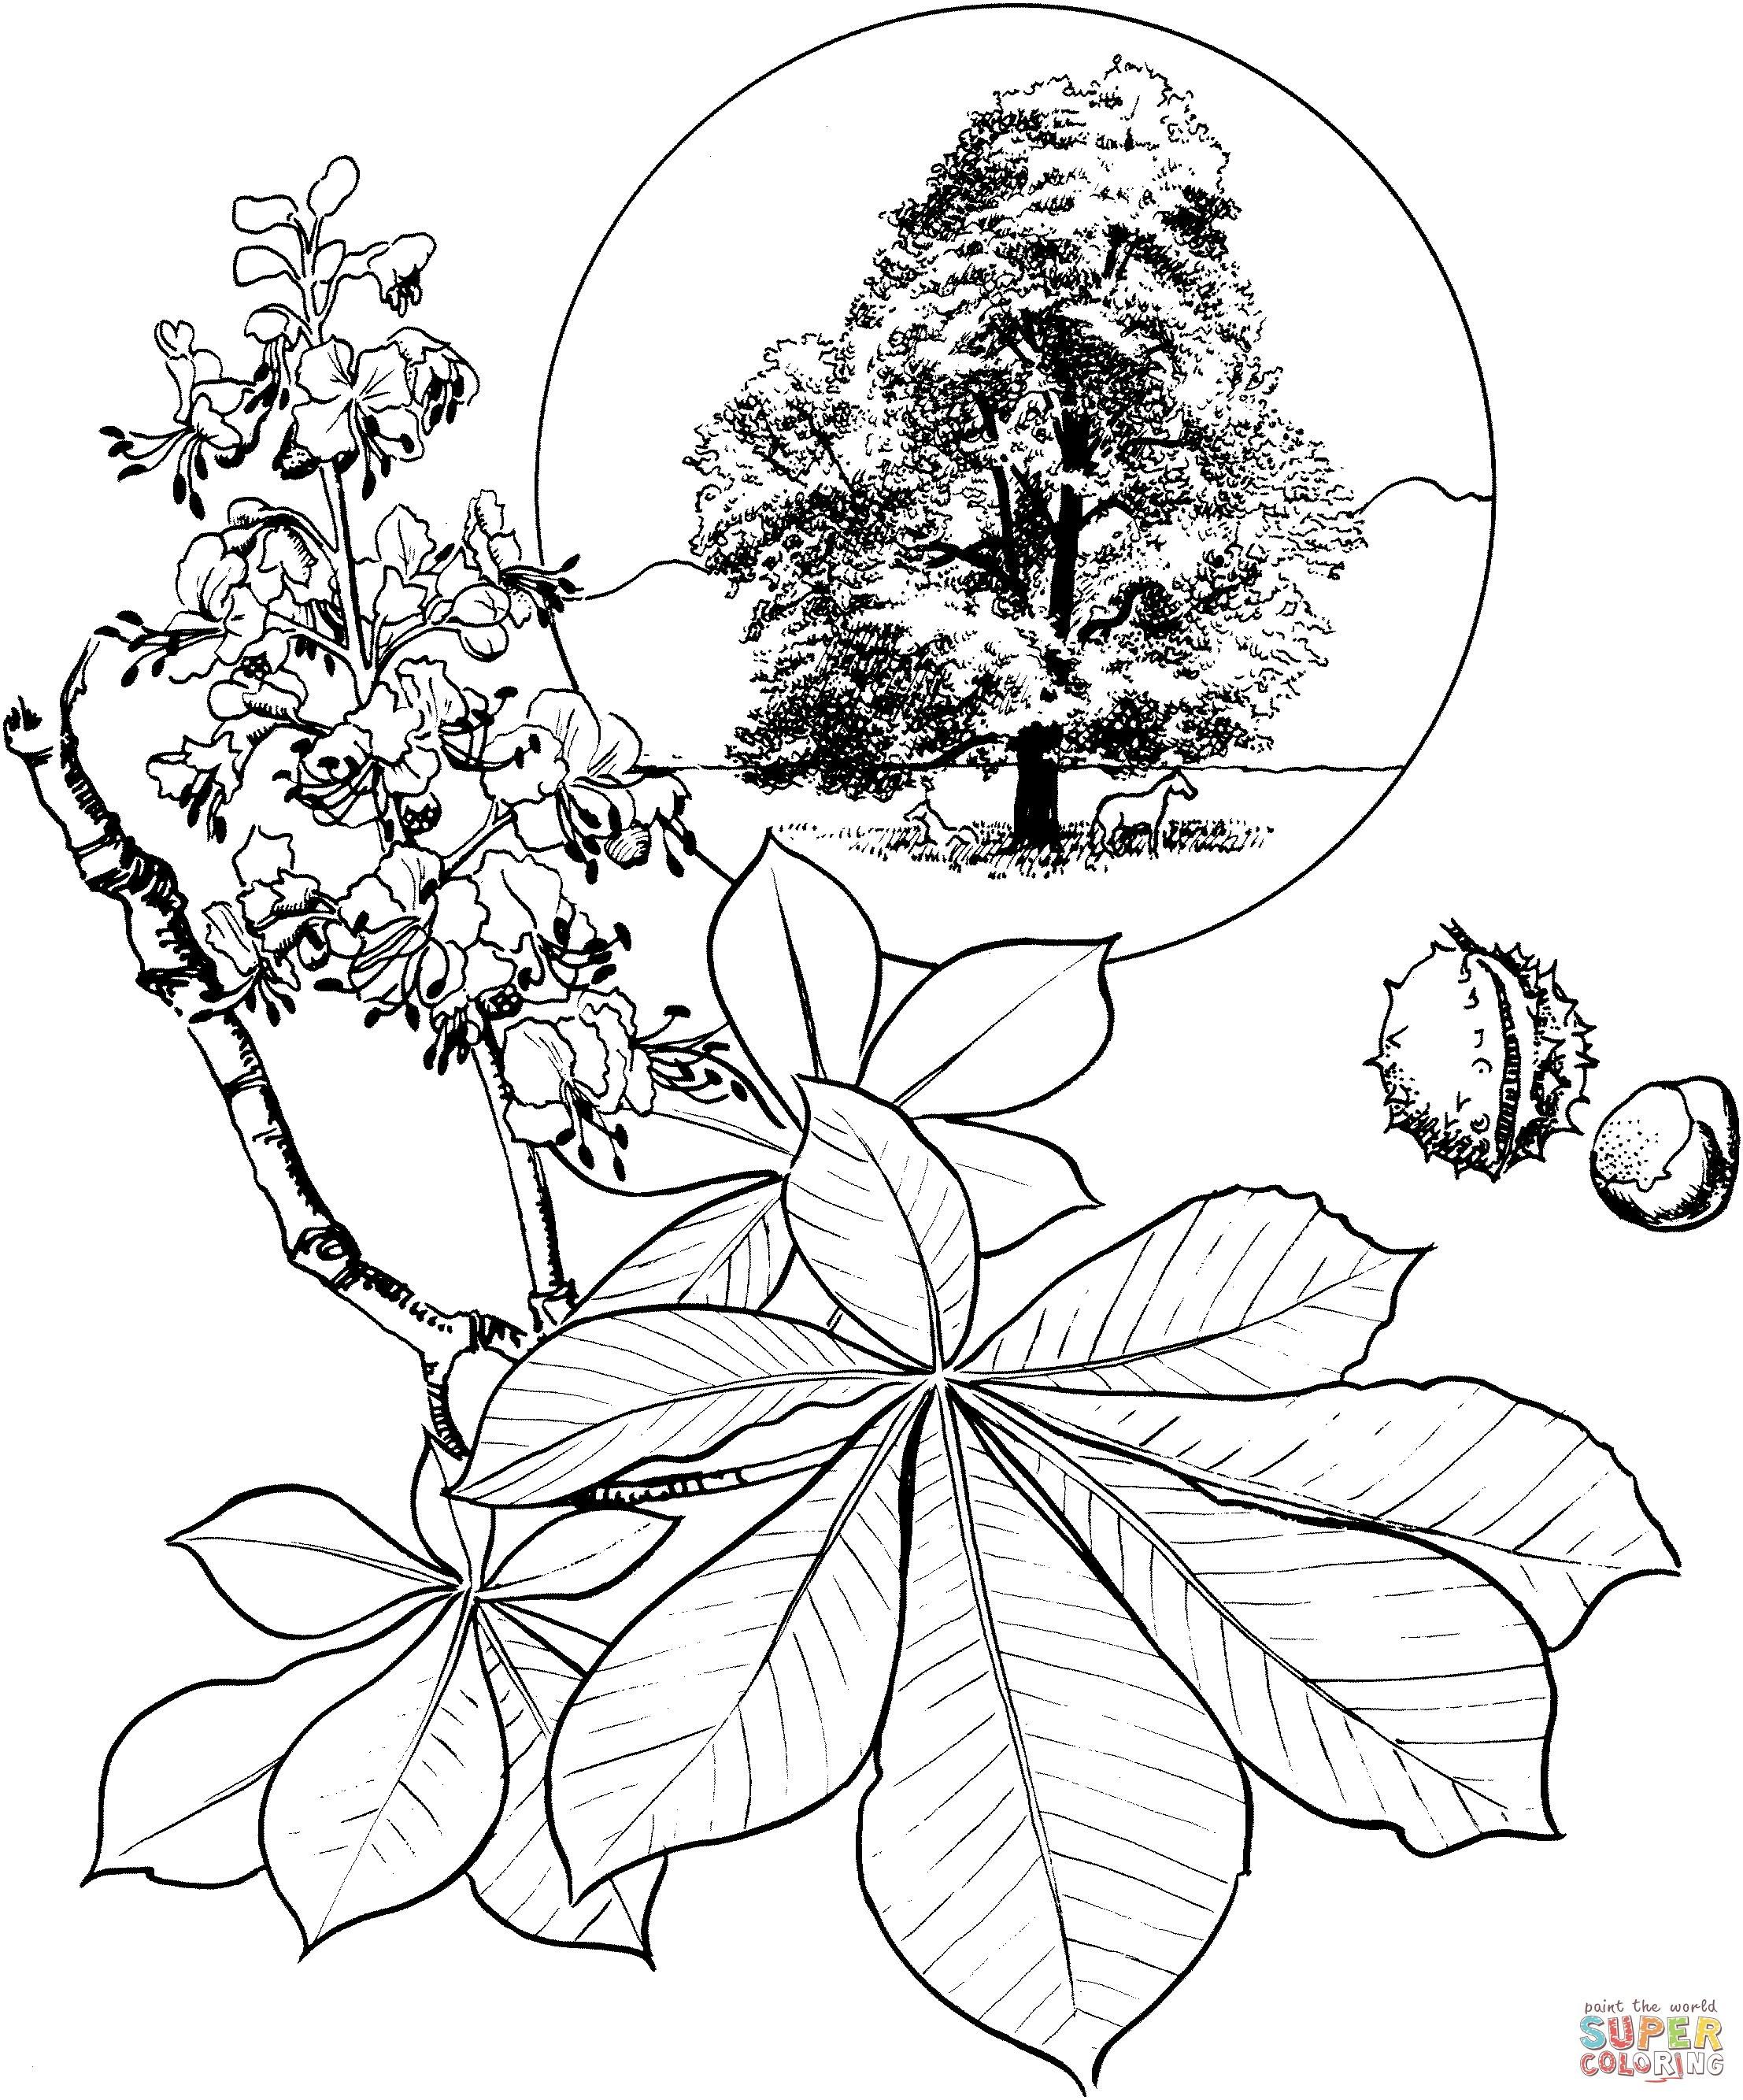 Malvorlage Blumen ornamente Neu 35 Kastanien Ausmalbilder Scoredatscore Neu Gratis Malvorlagen Sammlung